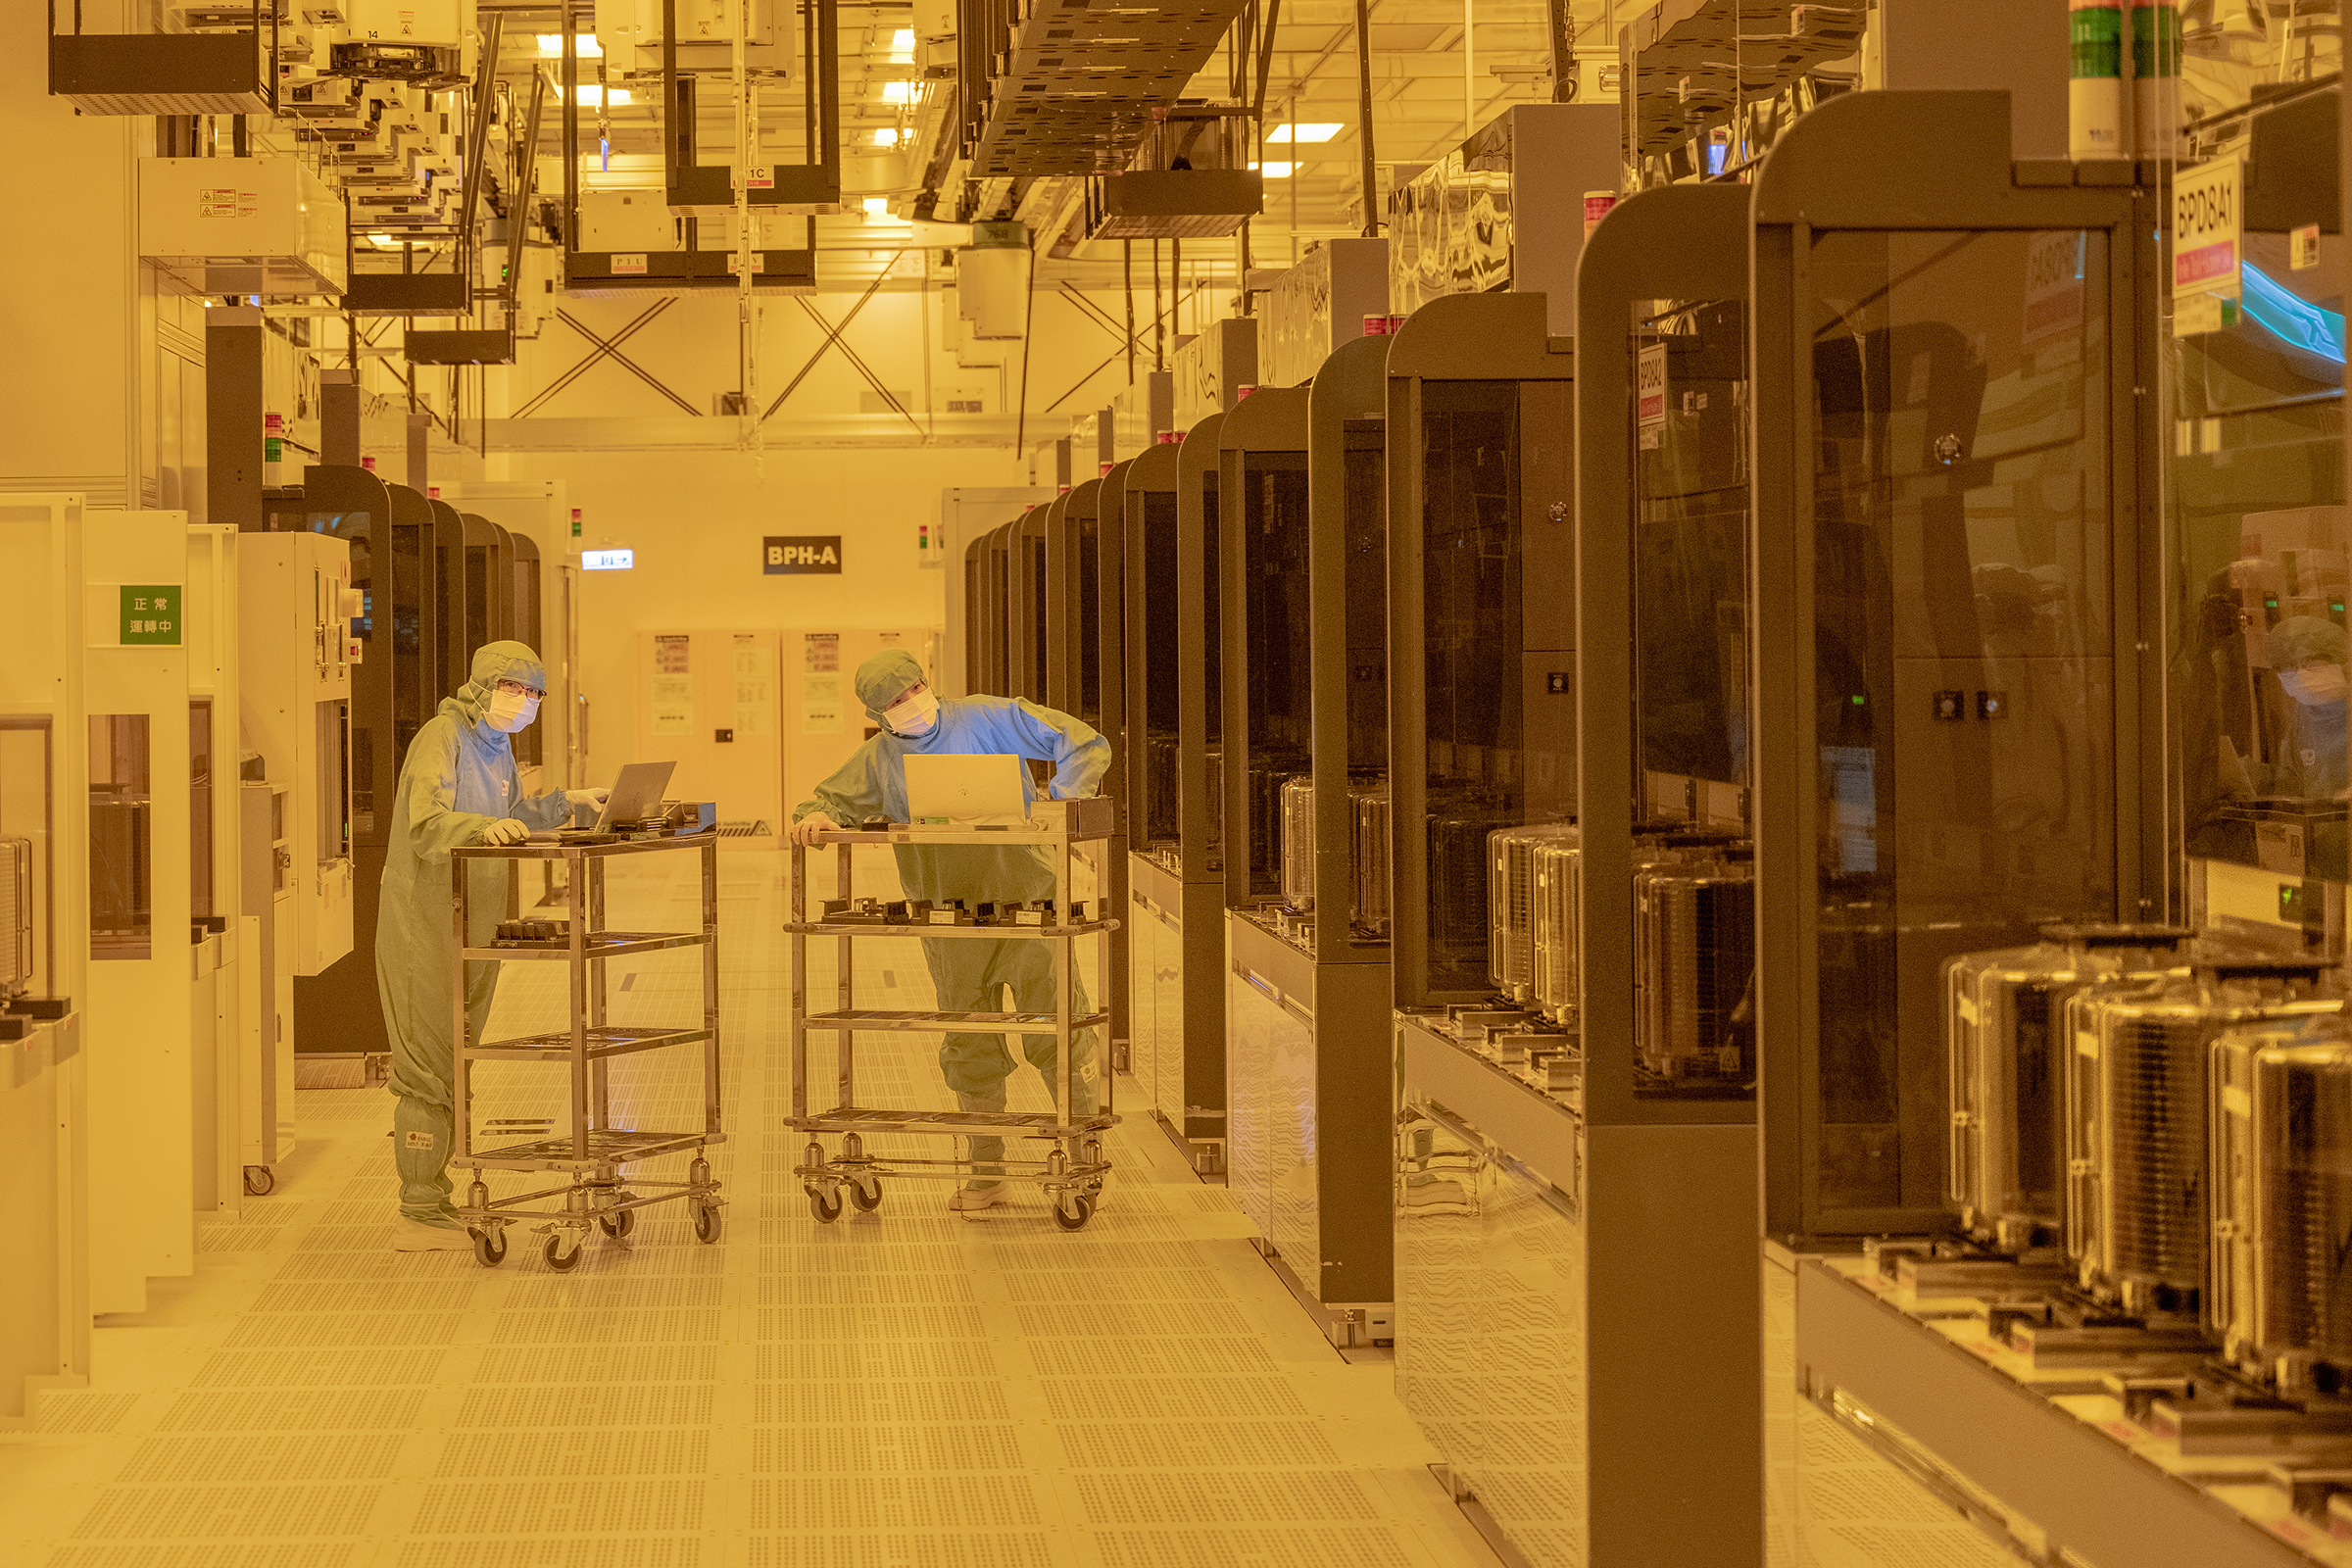 Hãng gia công chip lớn nhất thế giới hợp tác với Sony xây nhà máy 7 tỷ USD ở Nhật